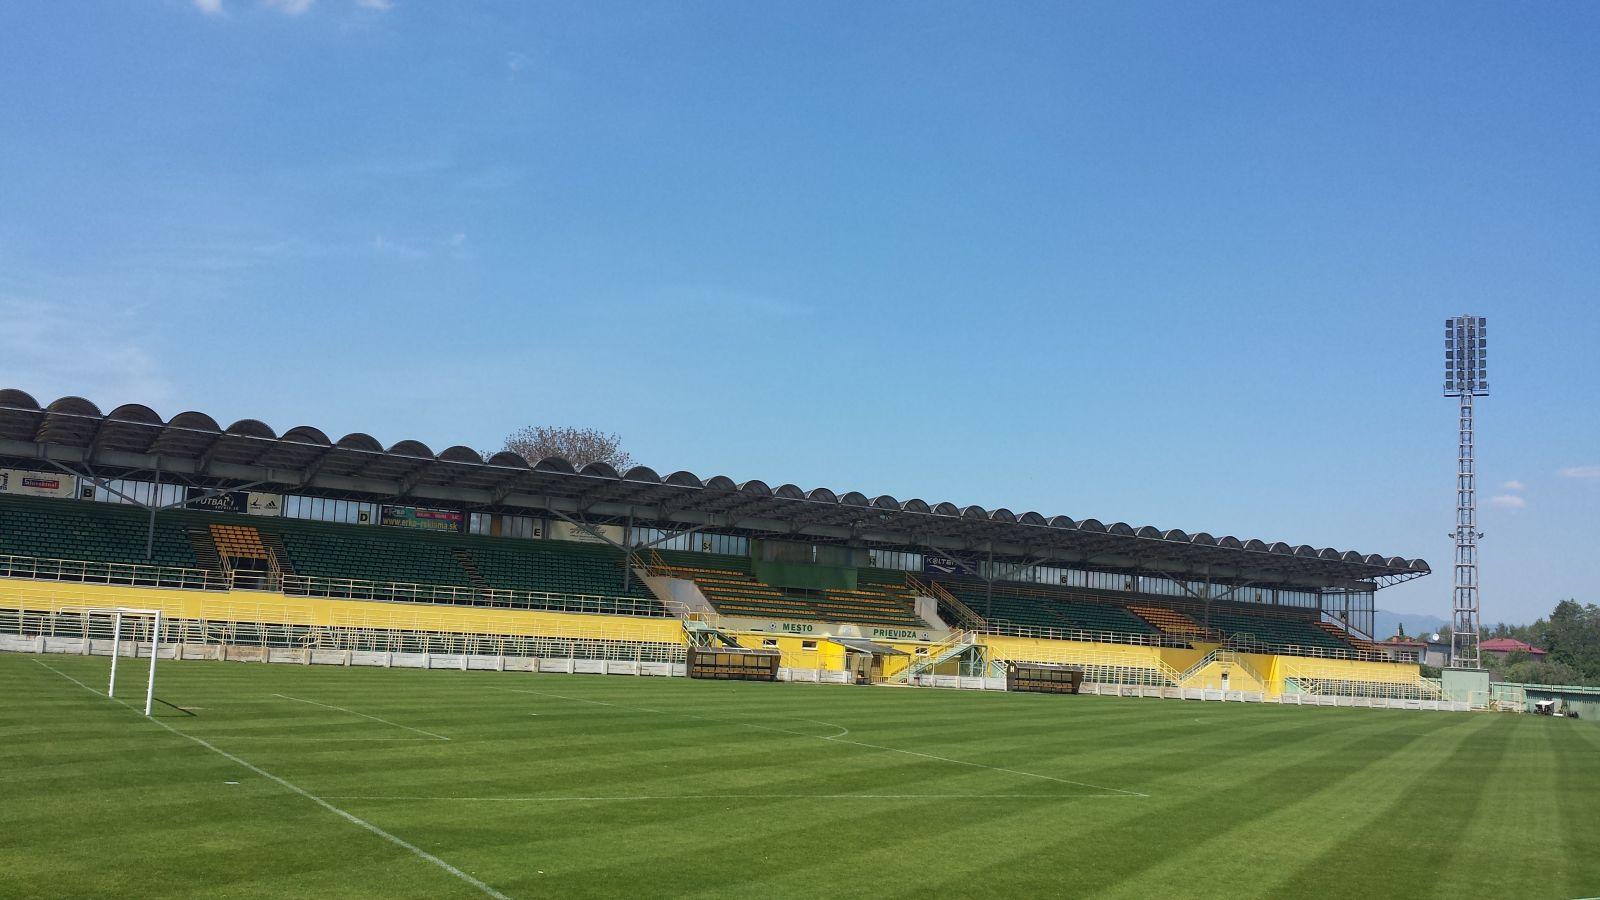 Prievidza: Prievidzský futbalový štadión zrekonštruujú za 1,23 milióna eur